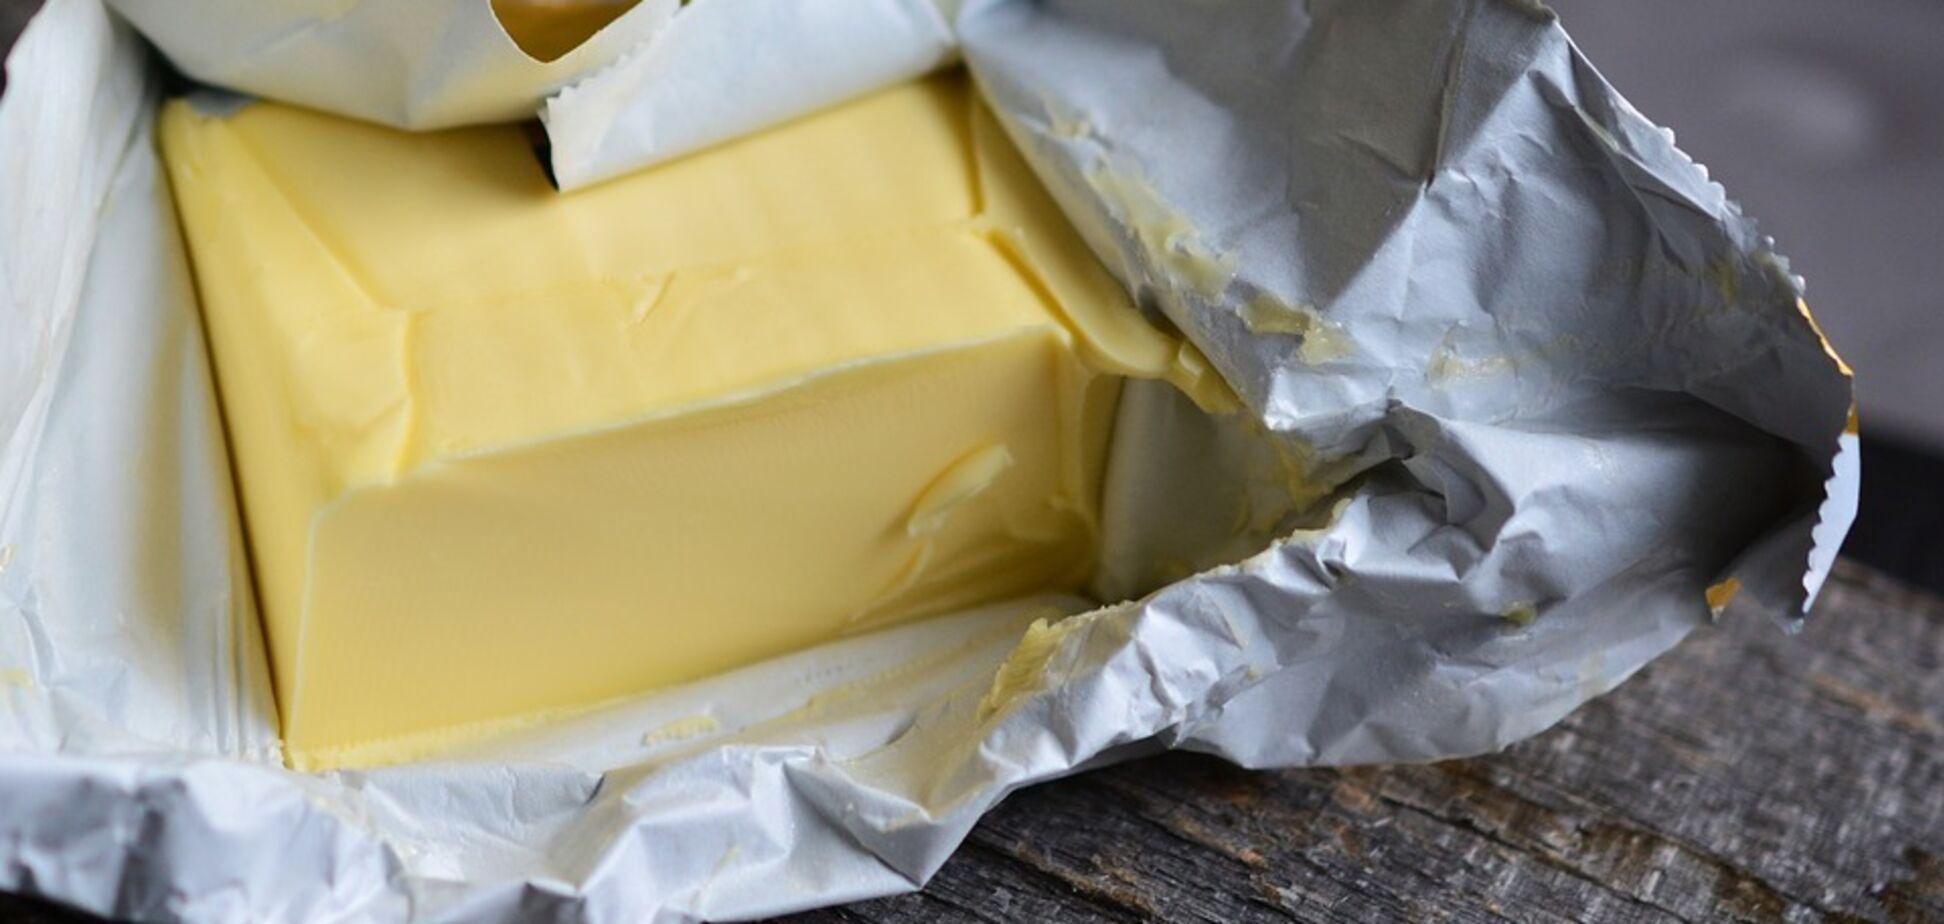 Фальсифікат масла не відрізняється від підробки